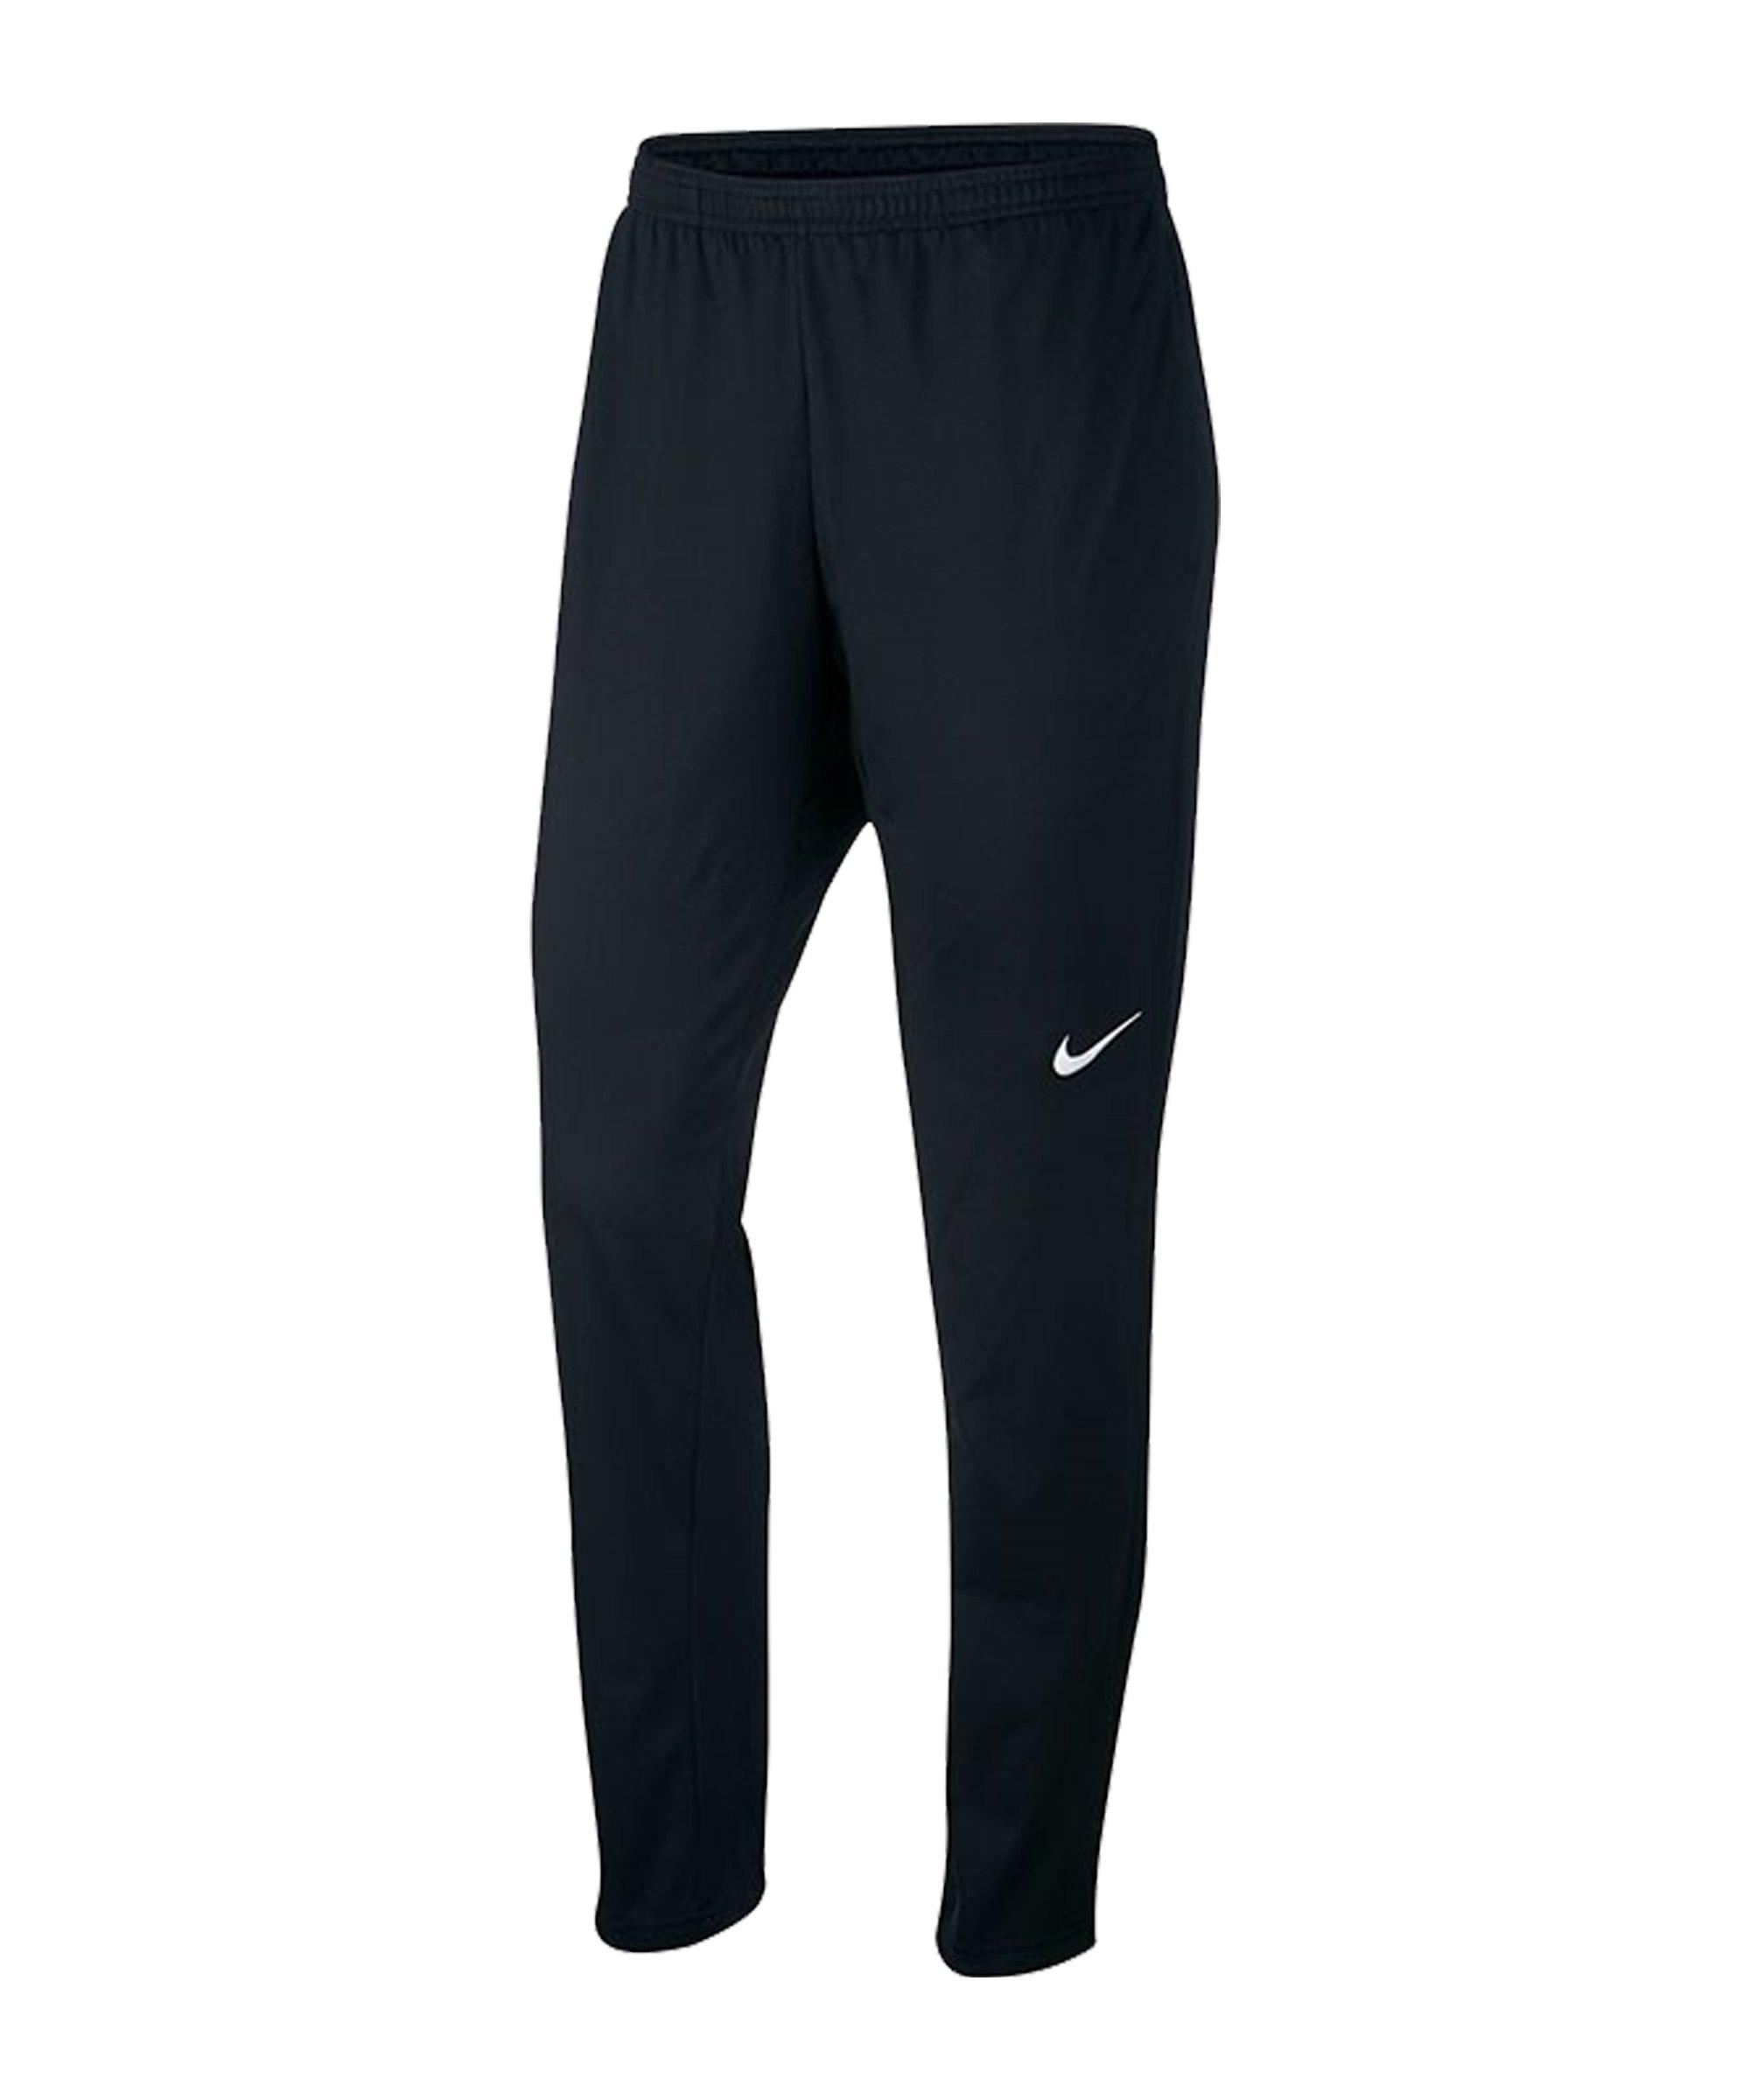 sporthose schwarz sporthose damen nike damen nike schwarz nike nike damen sporthose schwarz sporthose kPiuXOTZ